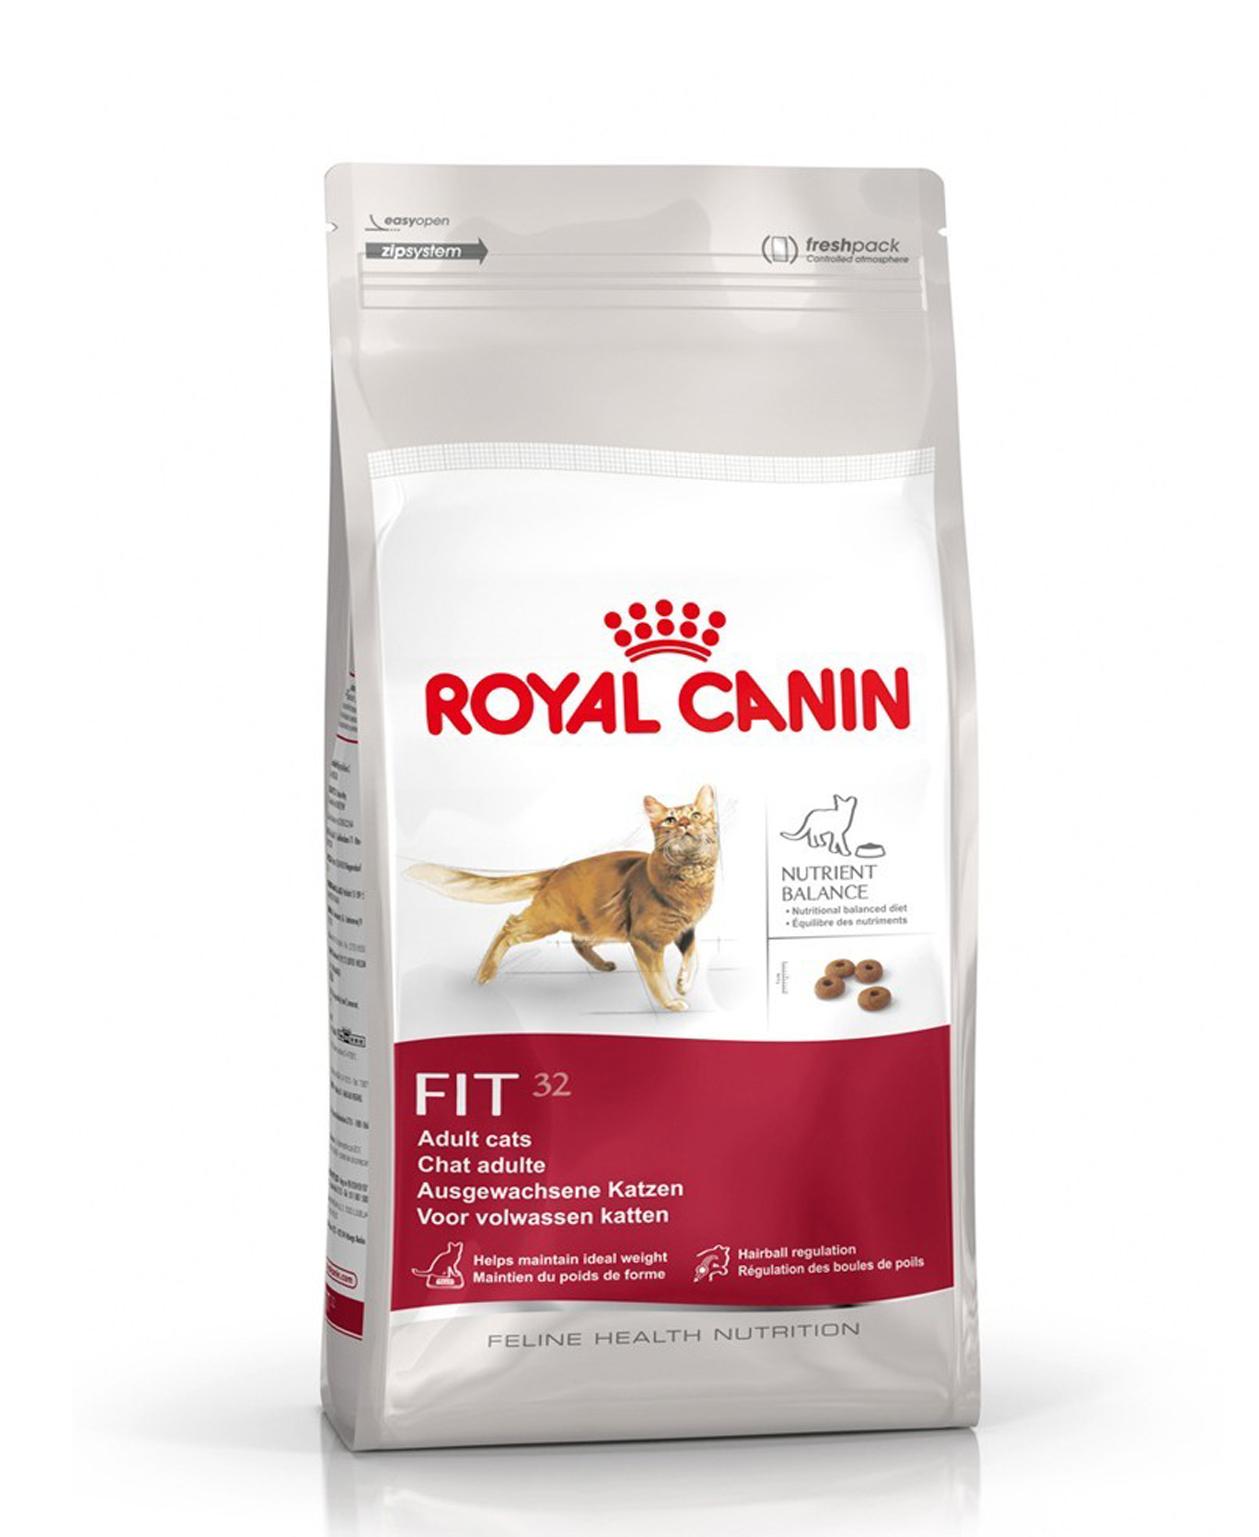 Croquettes Royal Canin Fit 32 - 10kg pour Chat